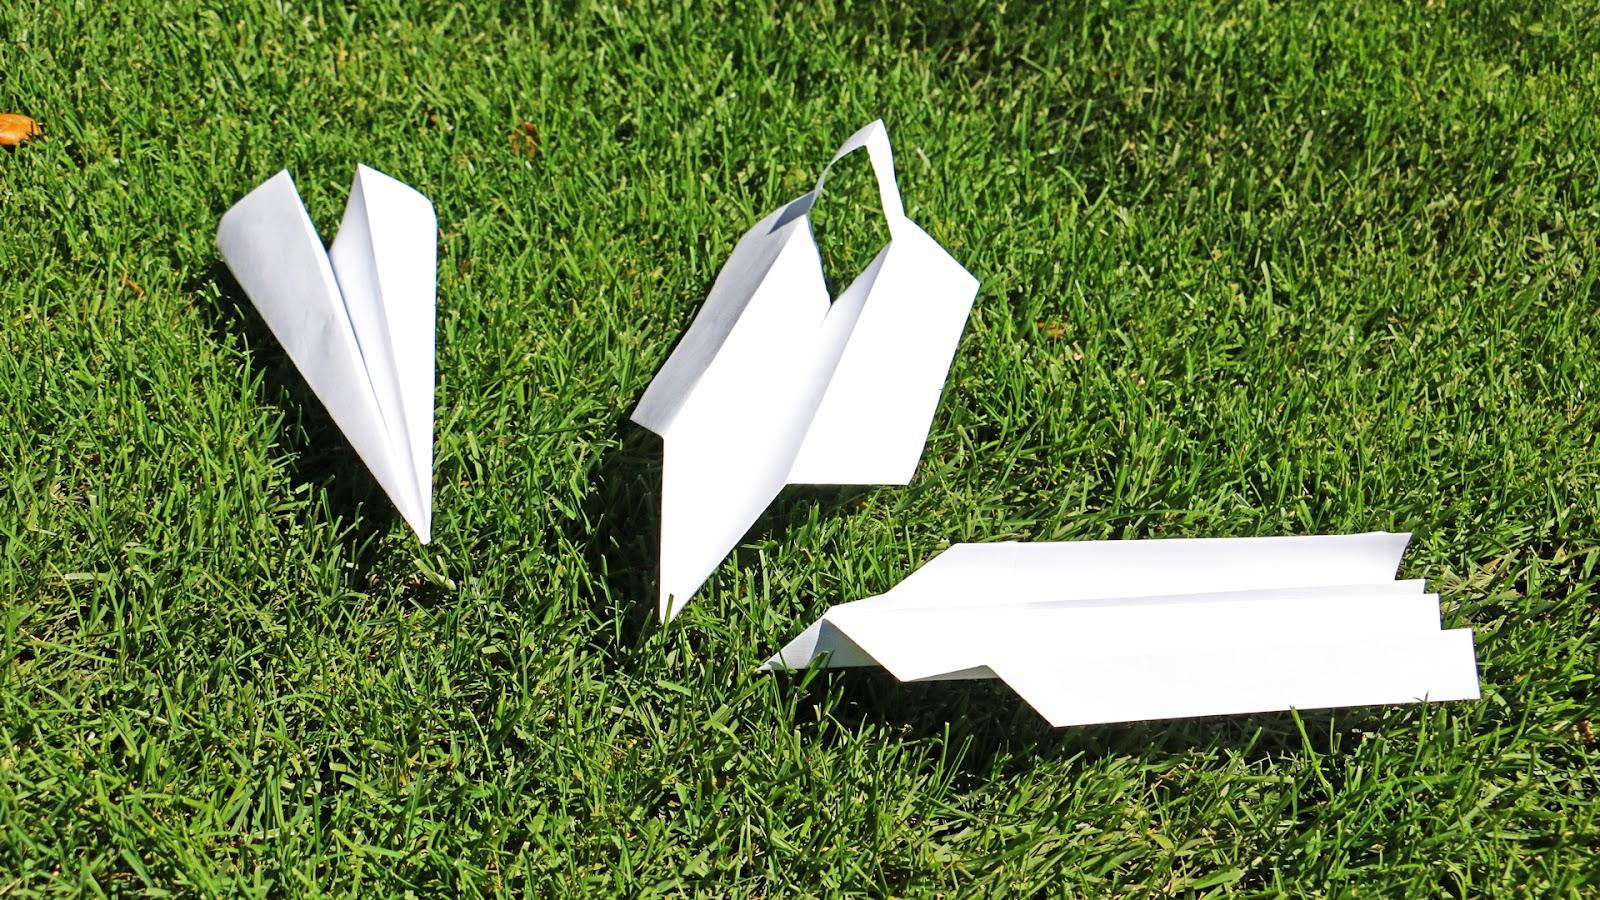 PaperAirplane05.jpg